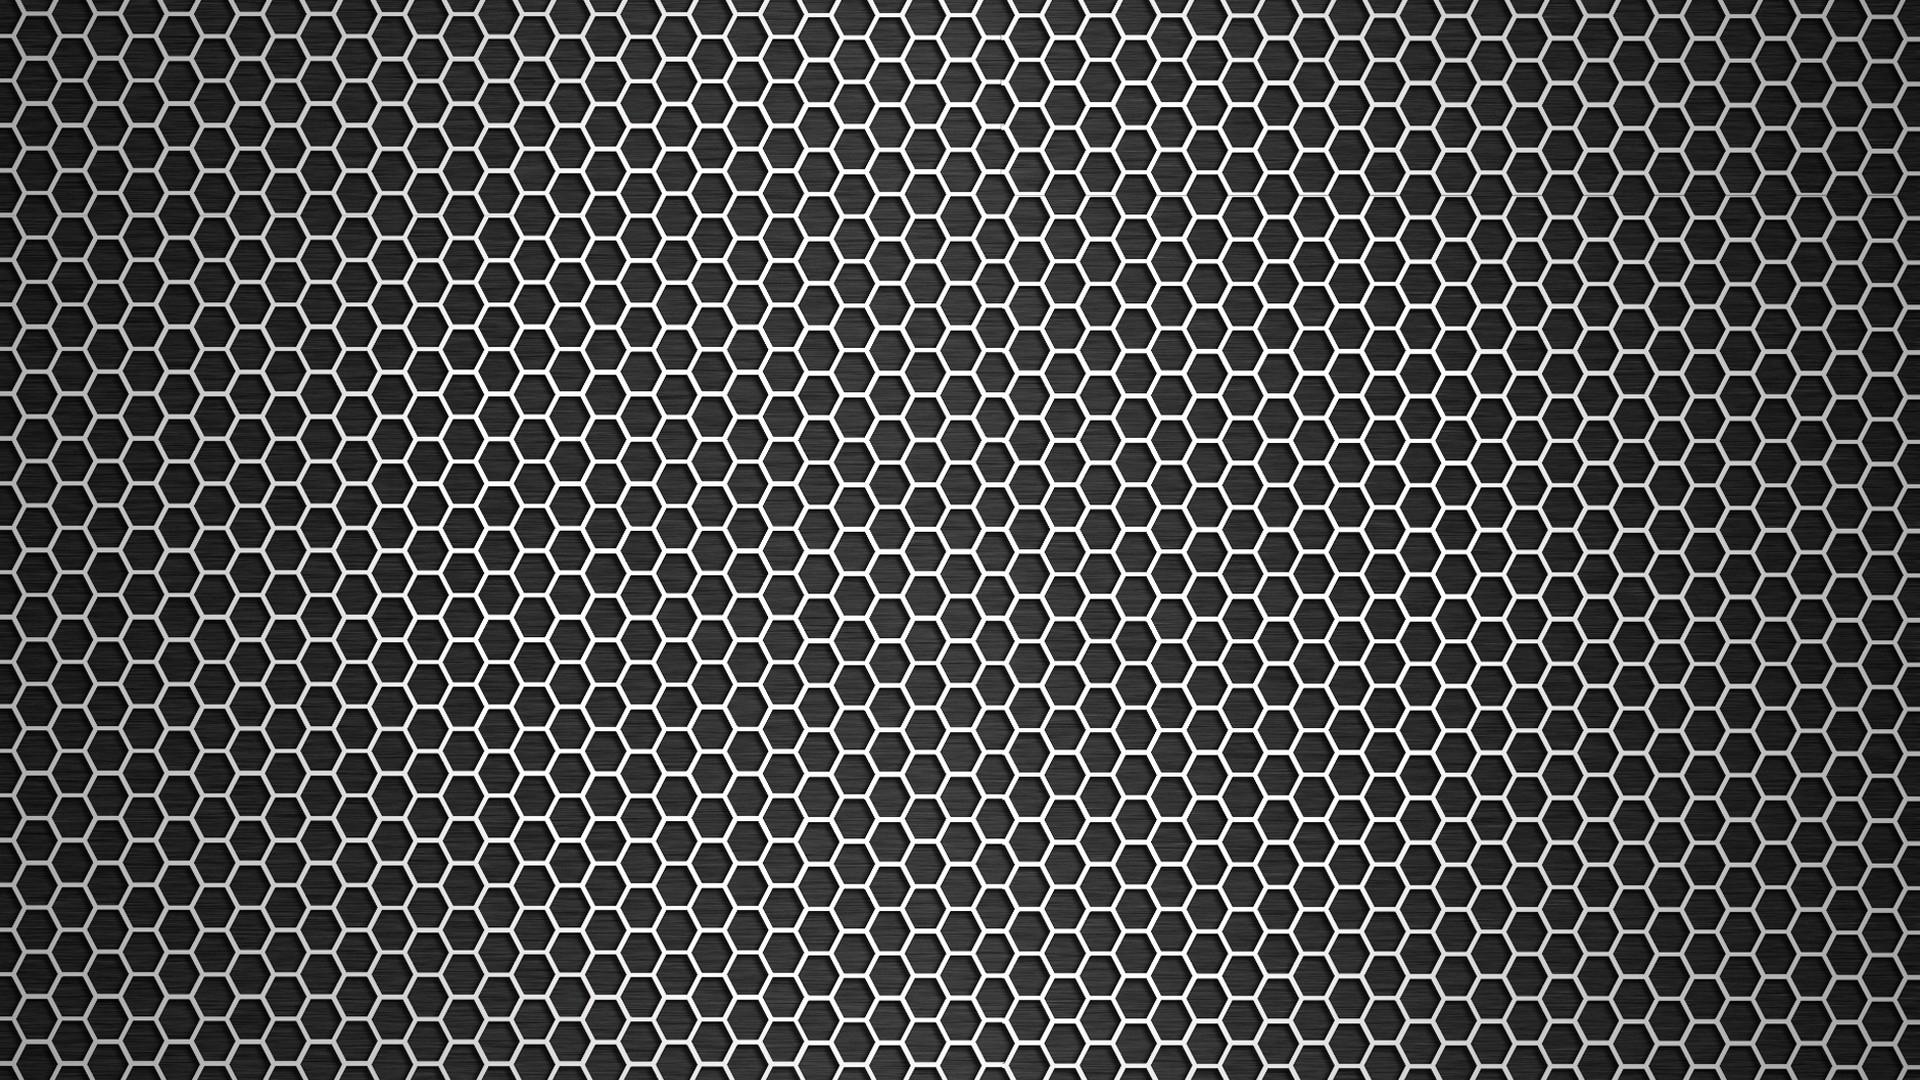 Technology Background With Circular Mesh: Fondos De Pantalla : Monocromo, Oscuro, Patrón, Metal